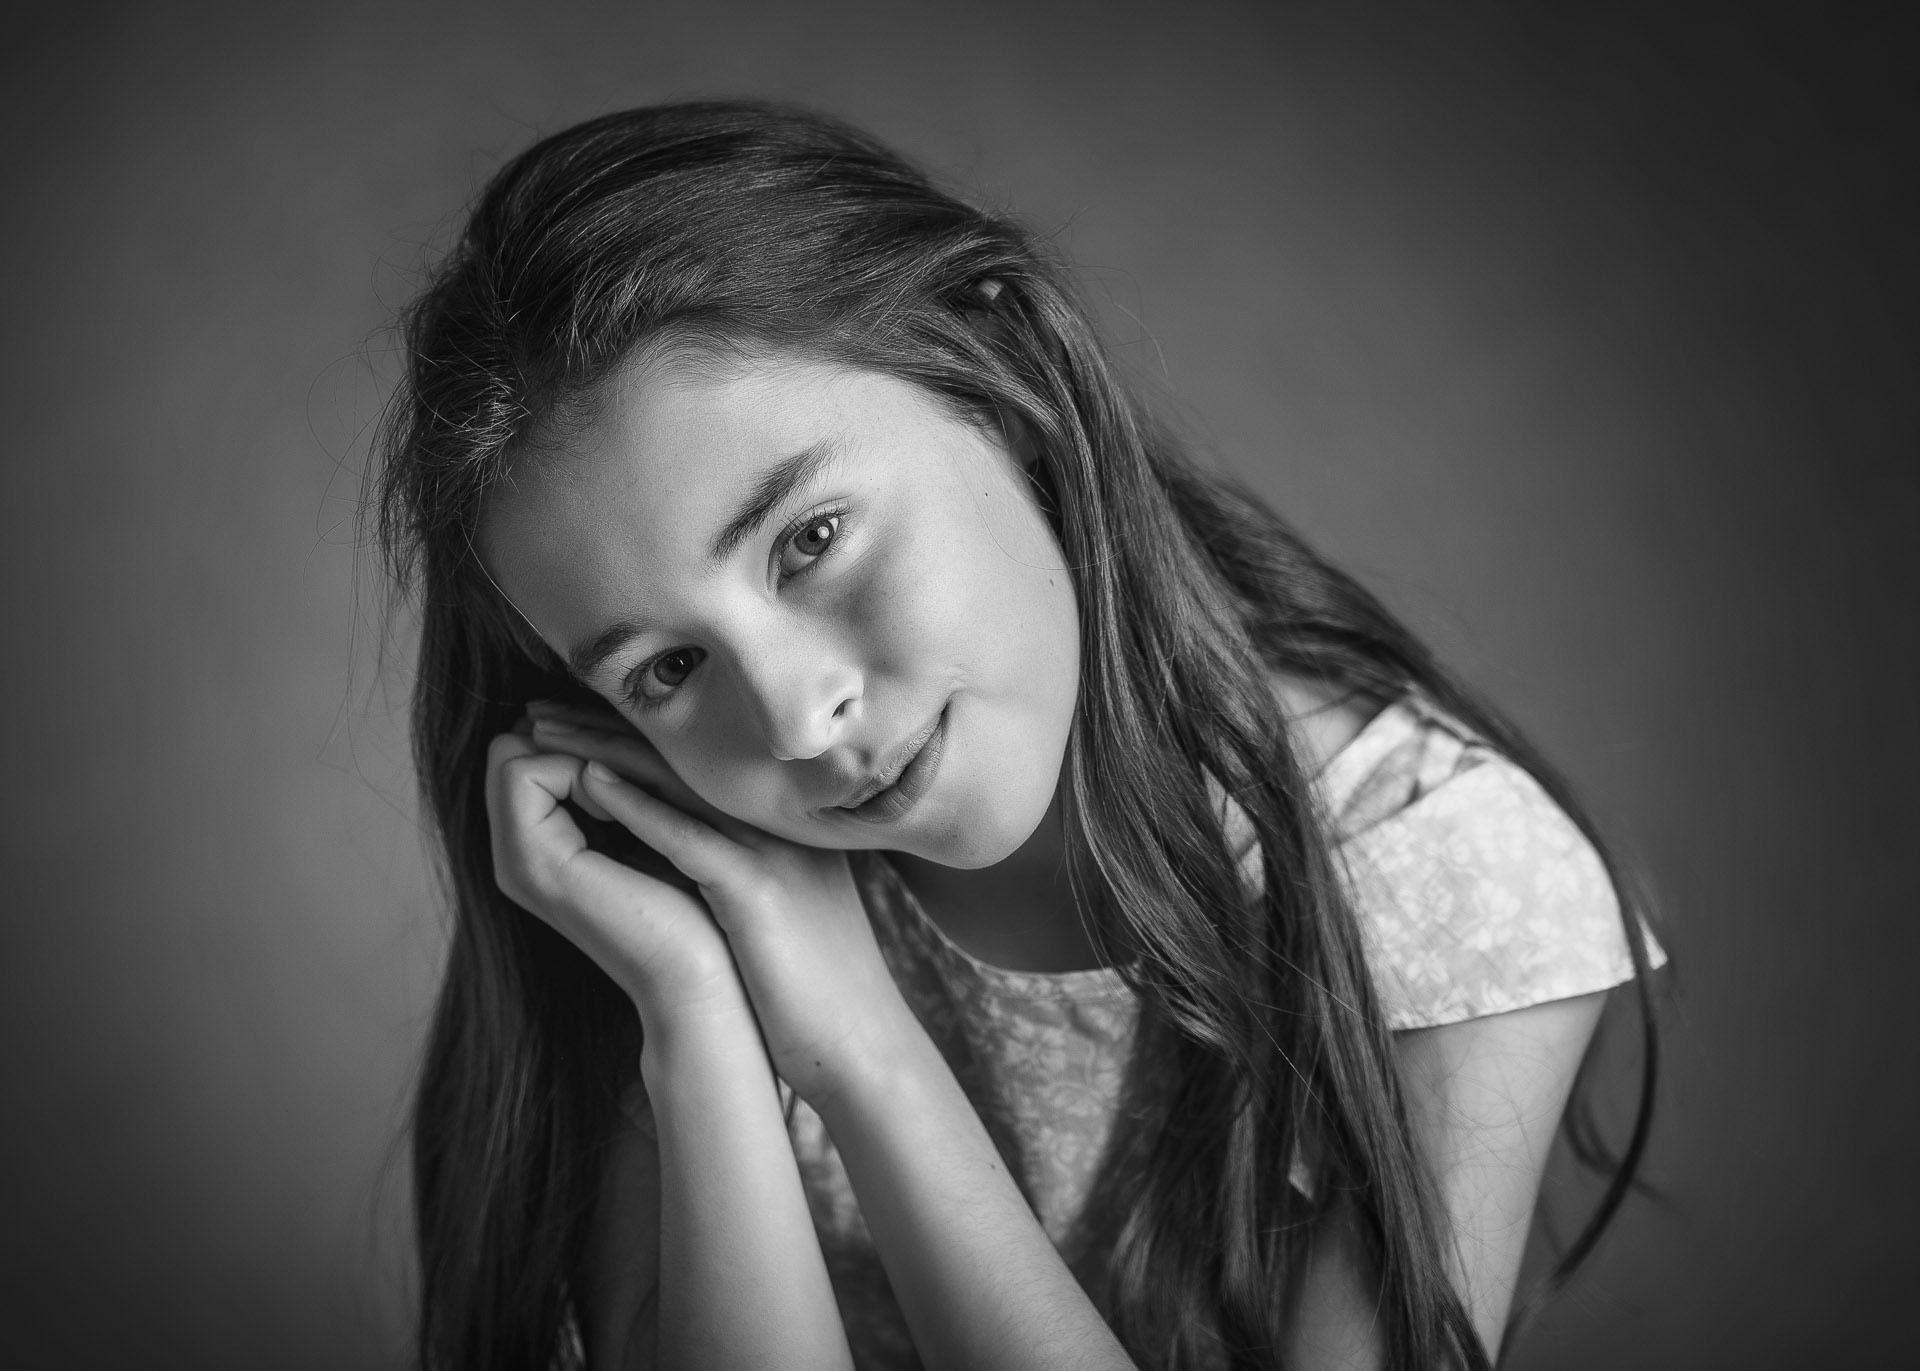 retrato fine art hn fotografo-15